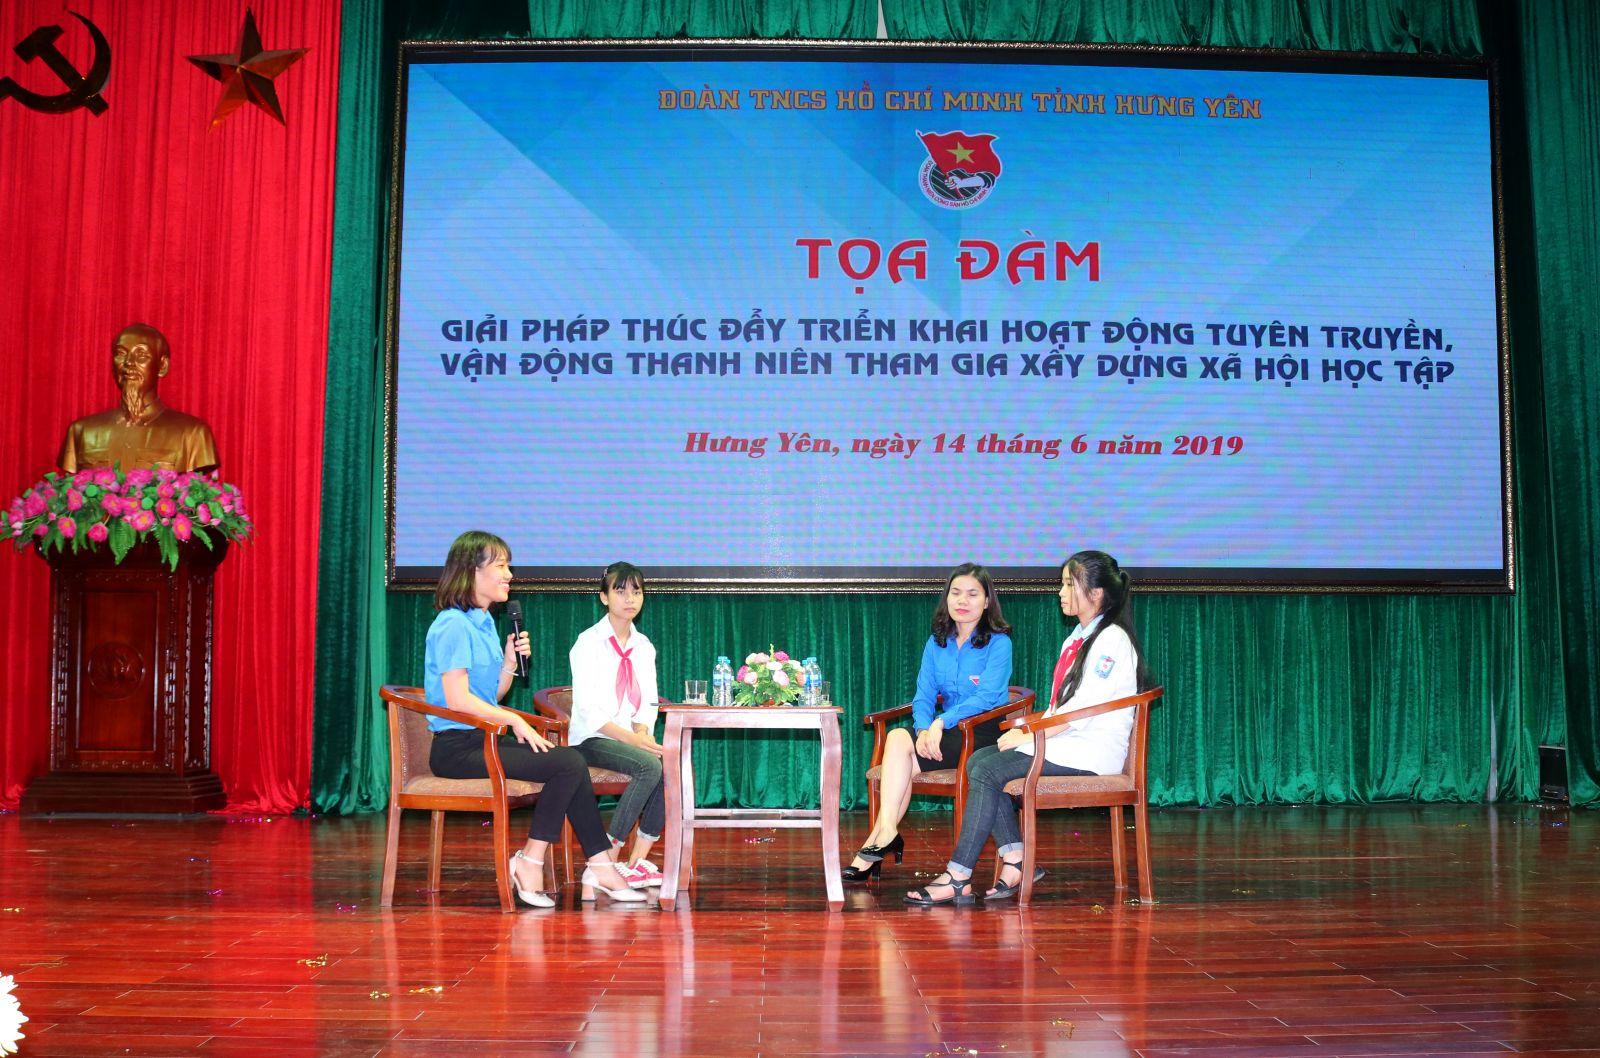 """Tọa đàm """"Giải pháp thúc đẩy triển khai hoạt động tuyên truyền,  vận động thanh niên tham gia xây dựng xã hội học tập"""" tỉnh Hưng Yên năm 2019"""